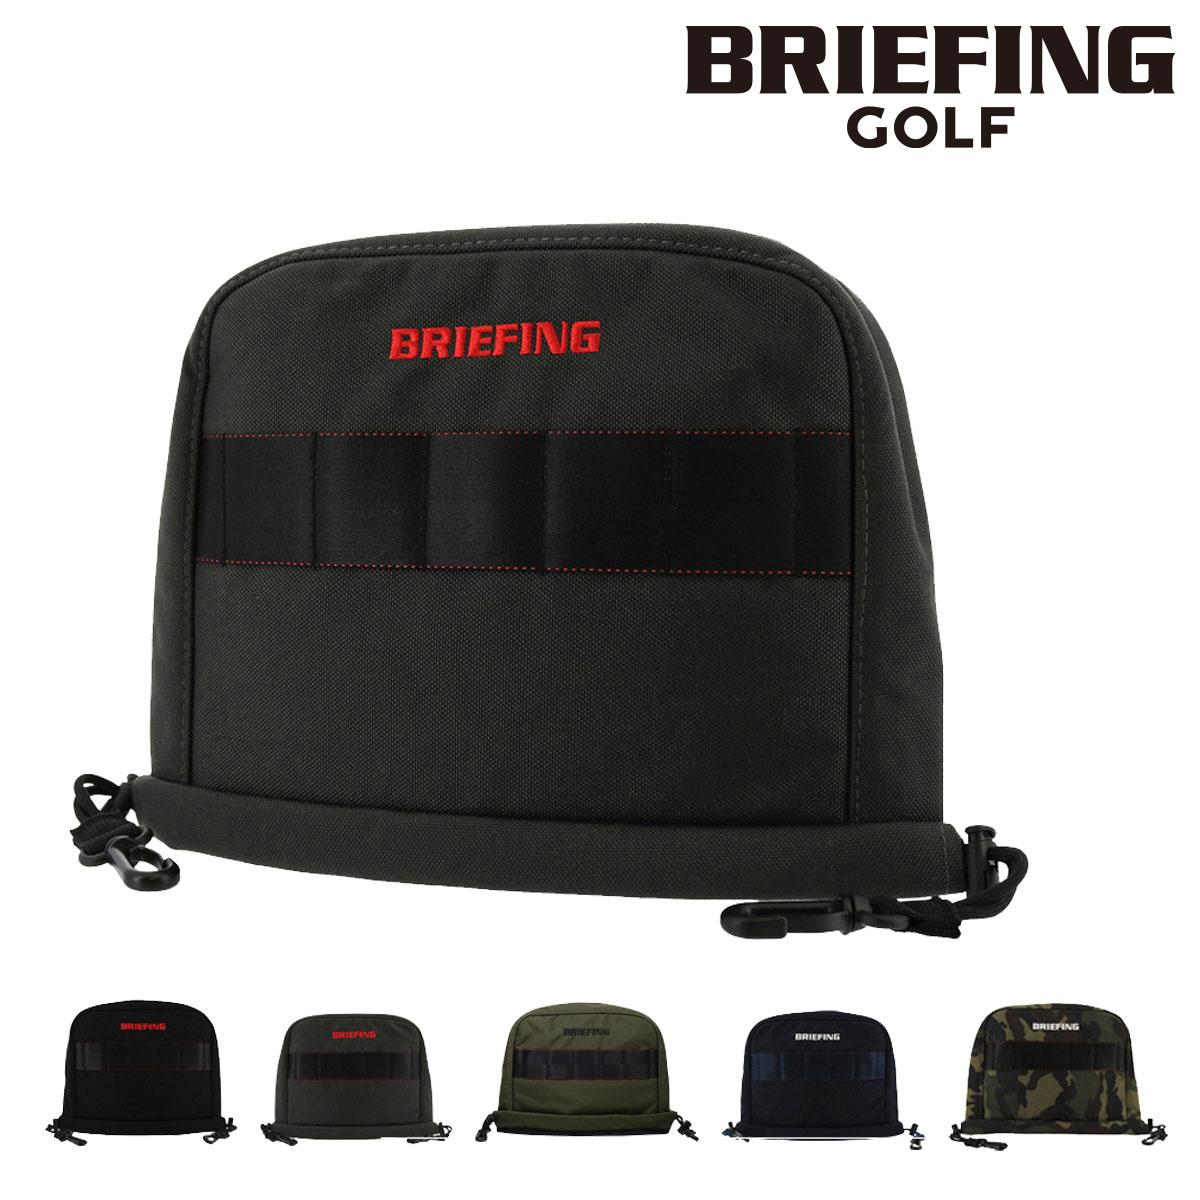 ブリーフィング アイアンカバー メンズ BRF318219 BRIEFING IRON COVER ゴルフ ヘッドカバー[PO10][即日発送]